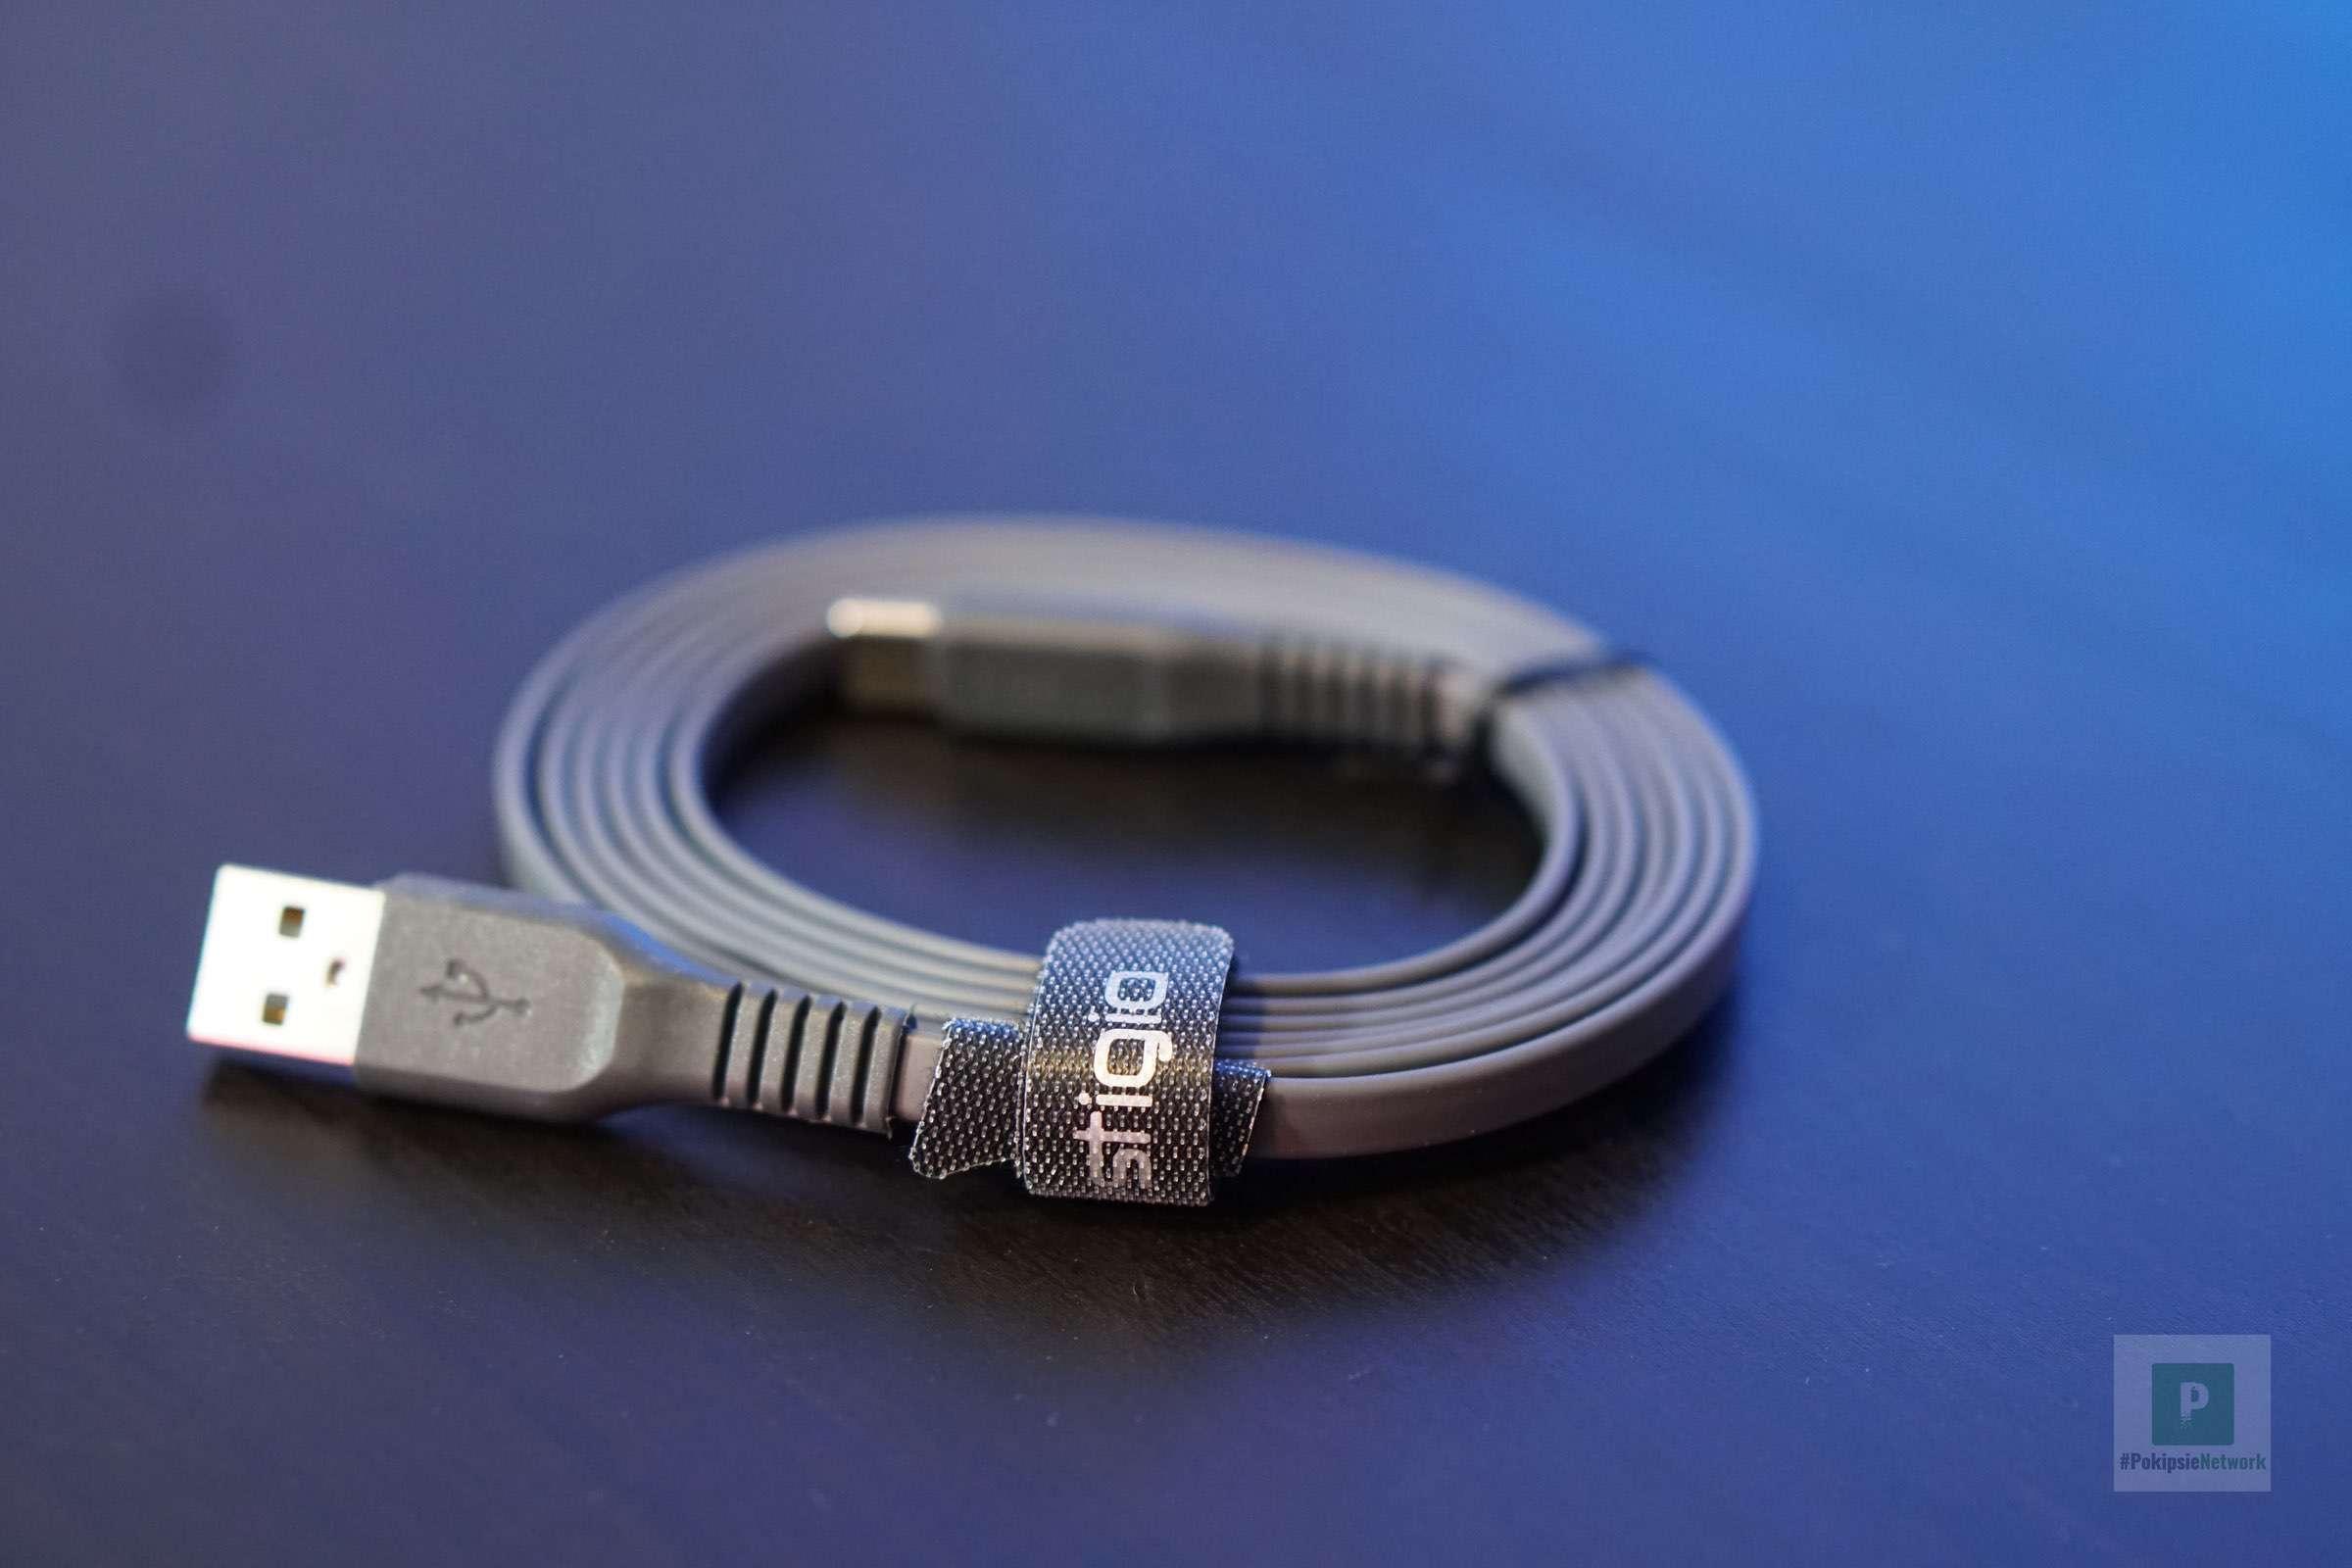 Das 1.8 m lange USB-Kabel